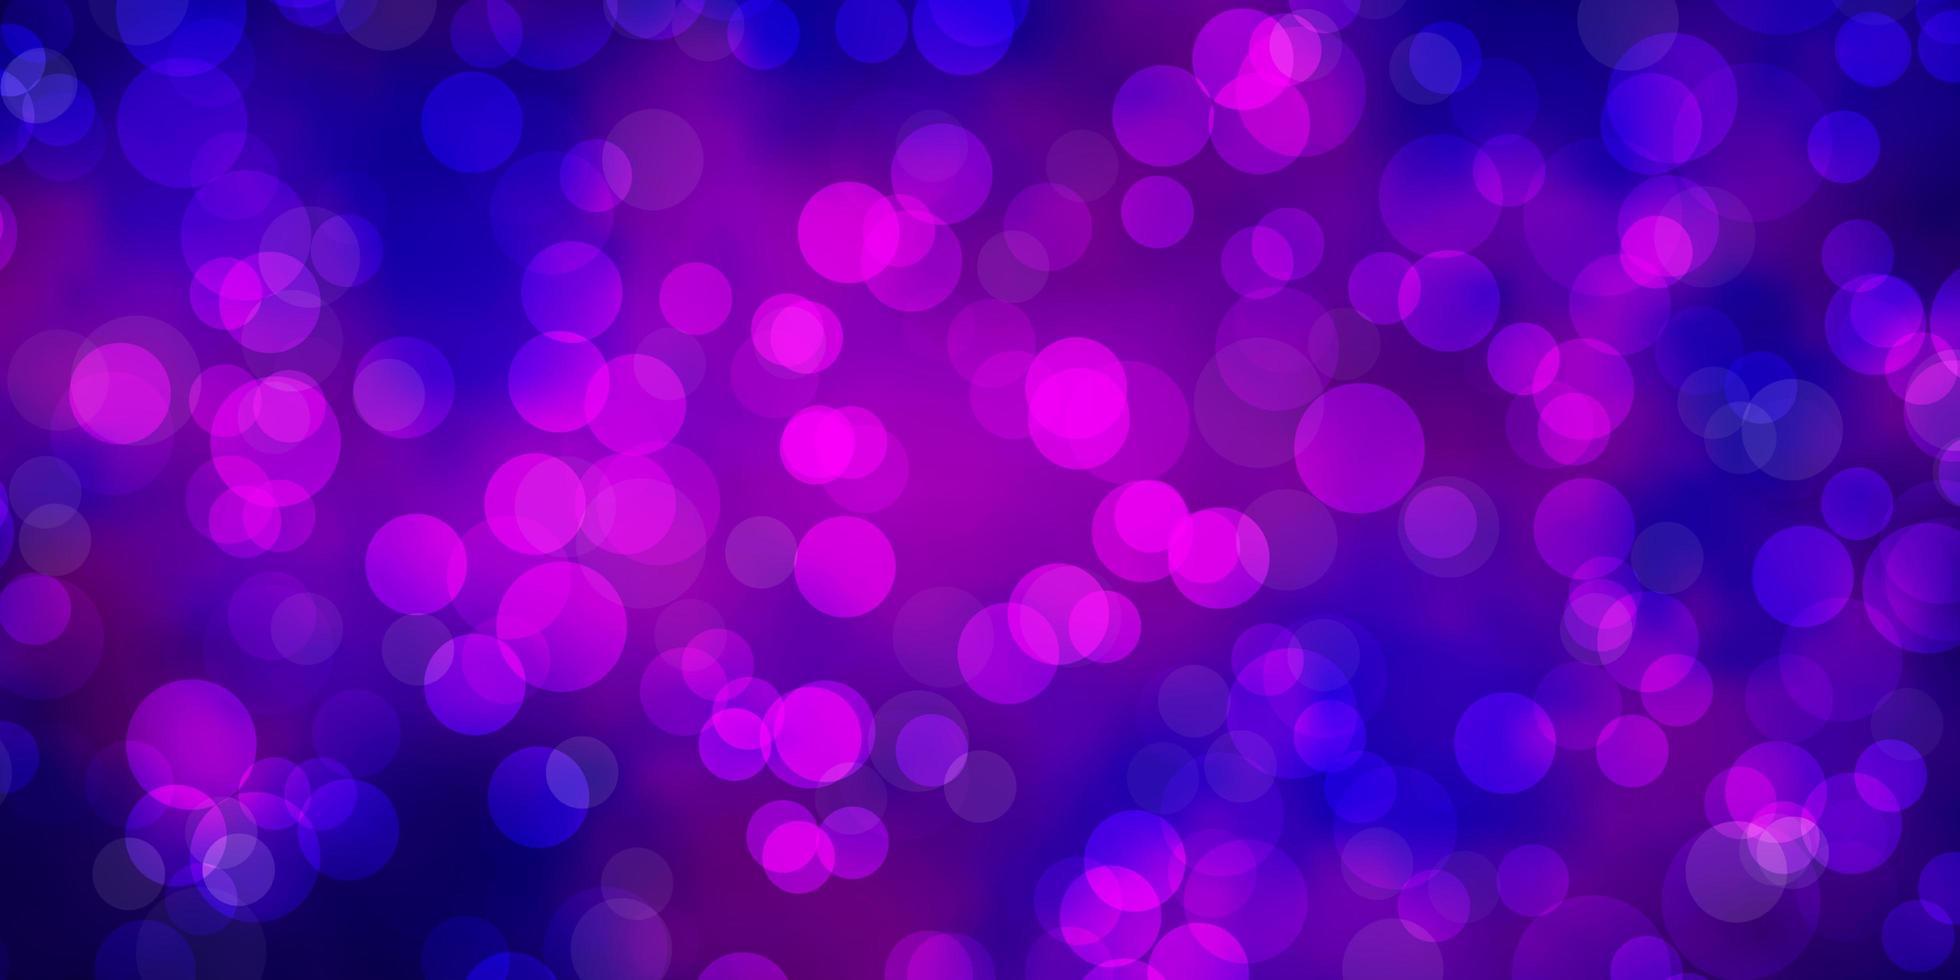 hellviolettes, rosa Vektorlayout mit Kreisformen. vektor